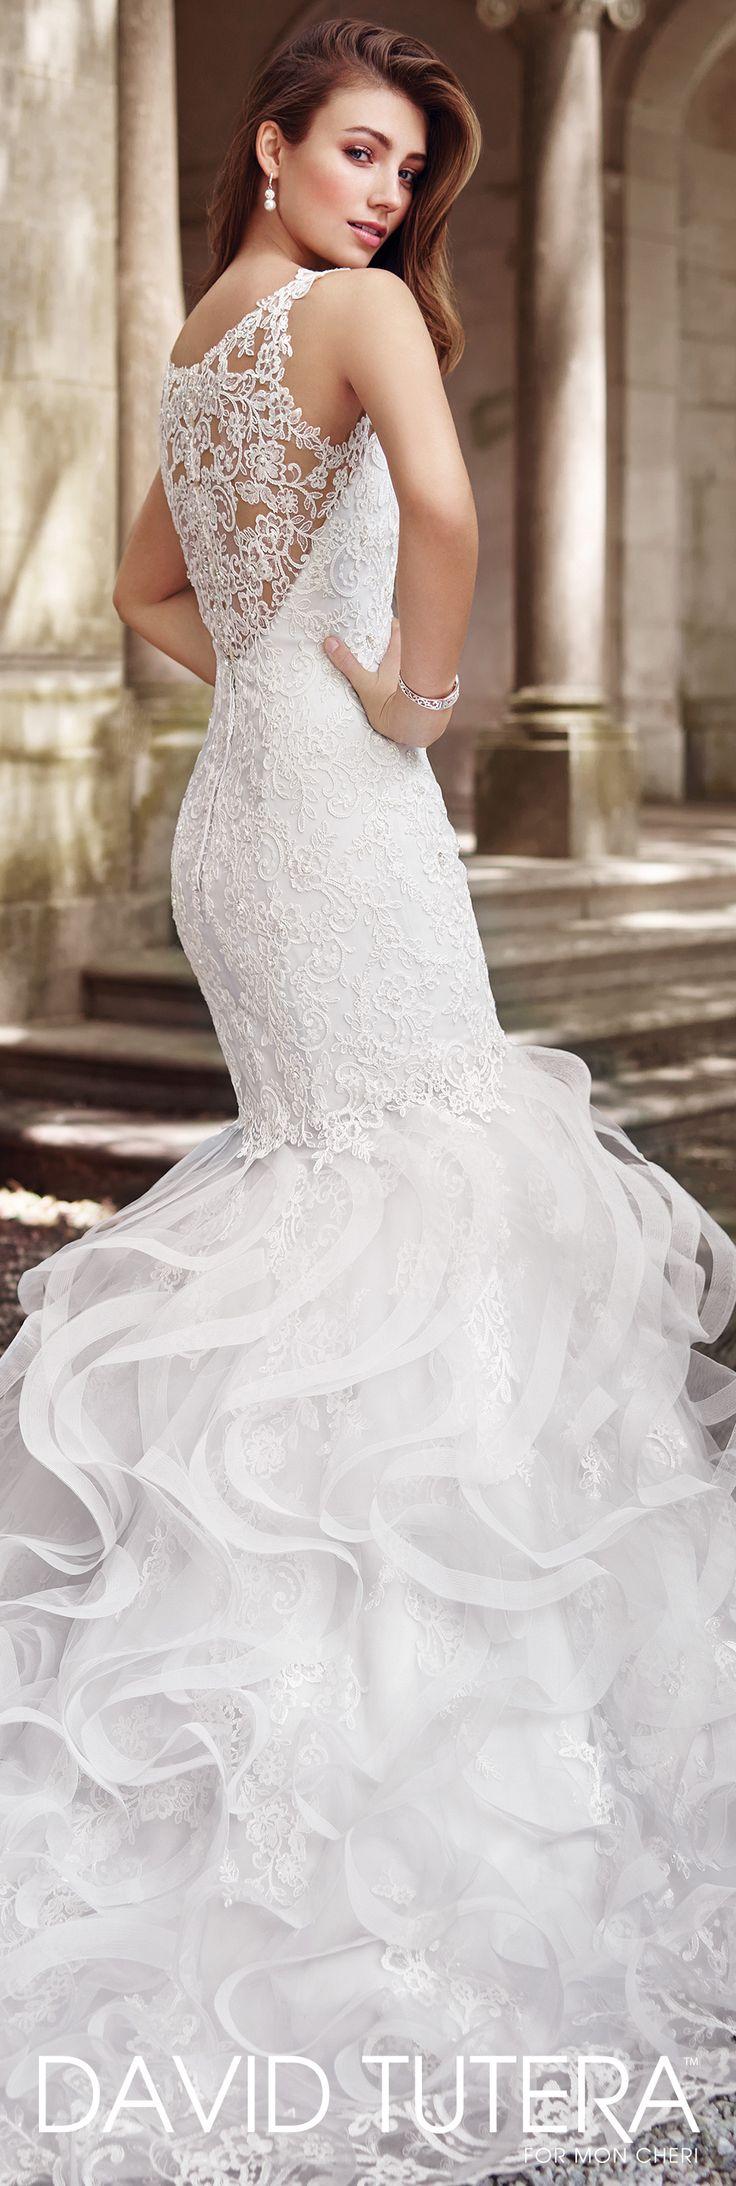 Elegant  best Wedding Dresses images on Pinterest Wedding dressses Wedding gowns and Marriage